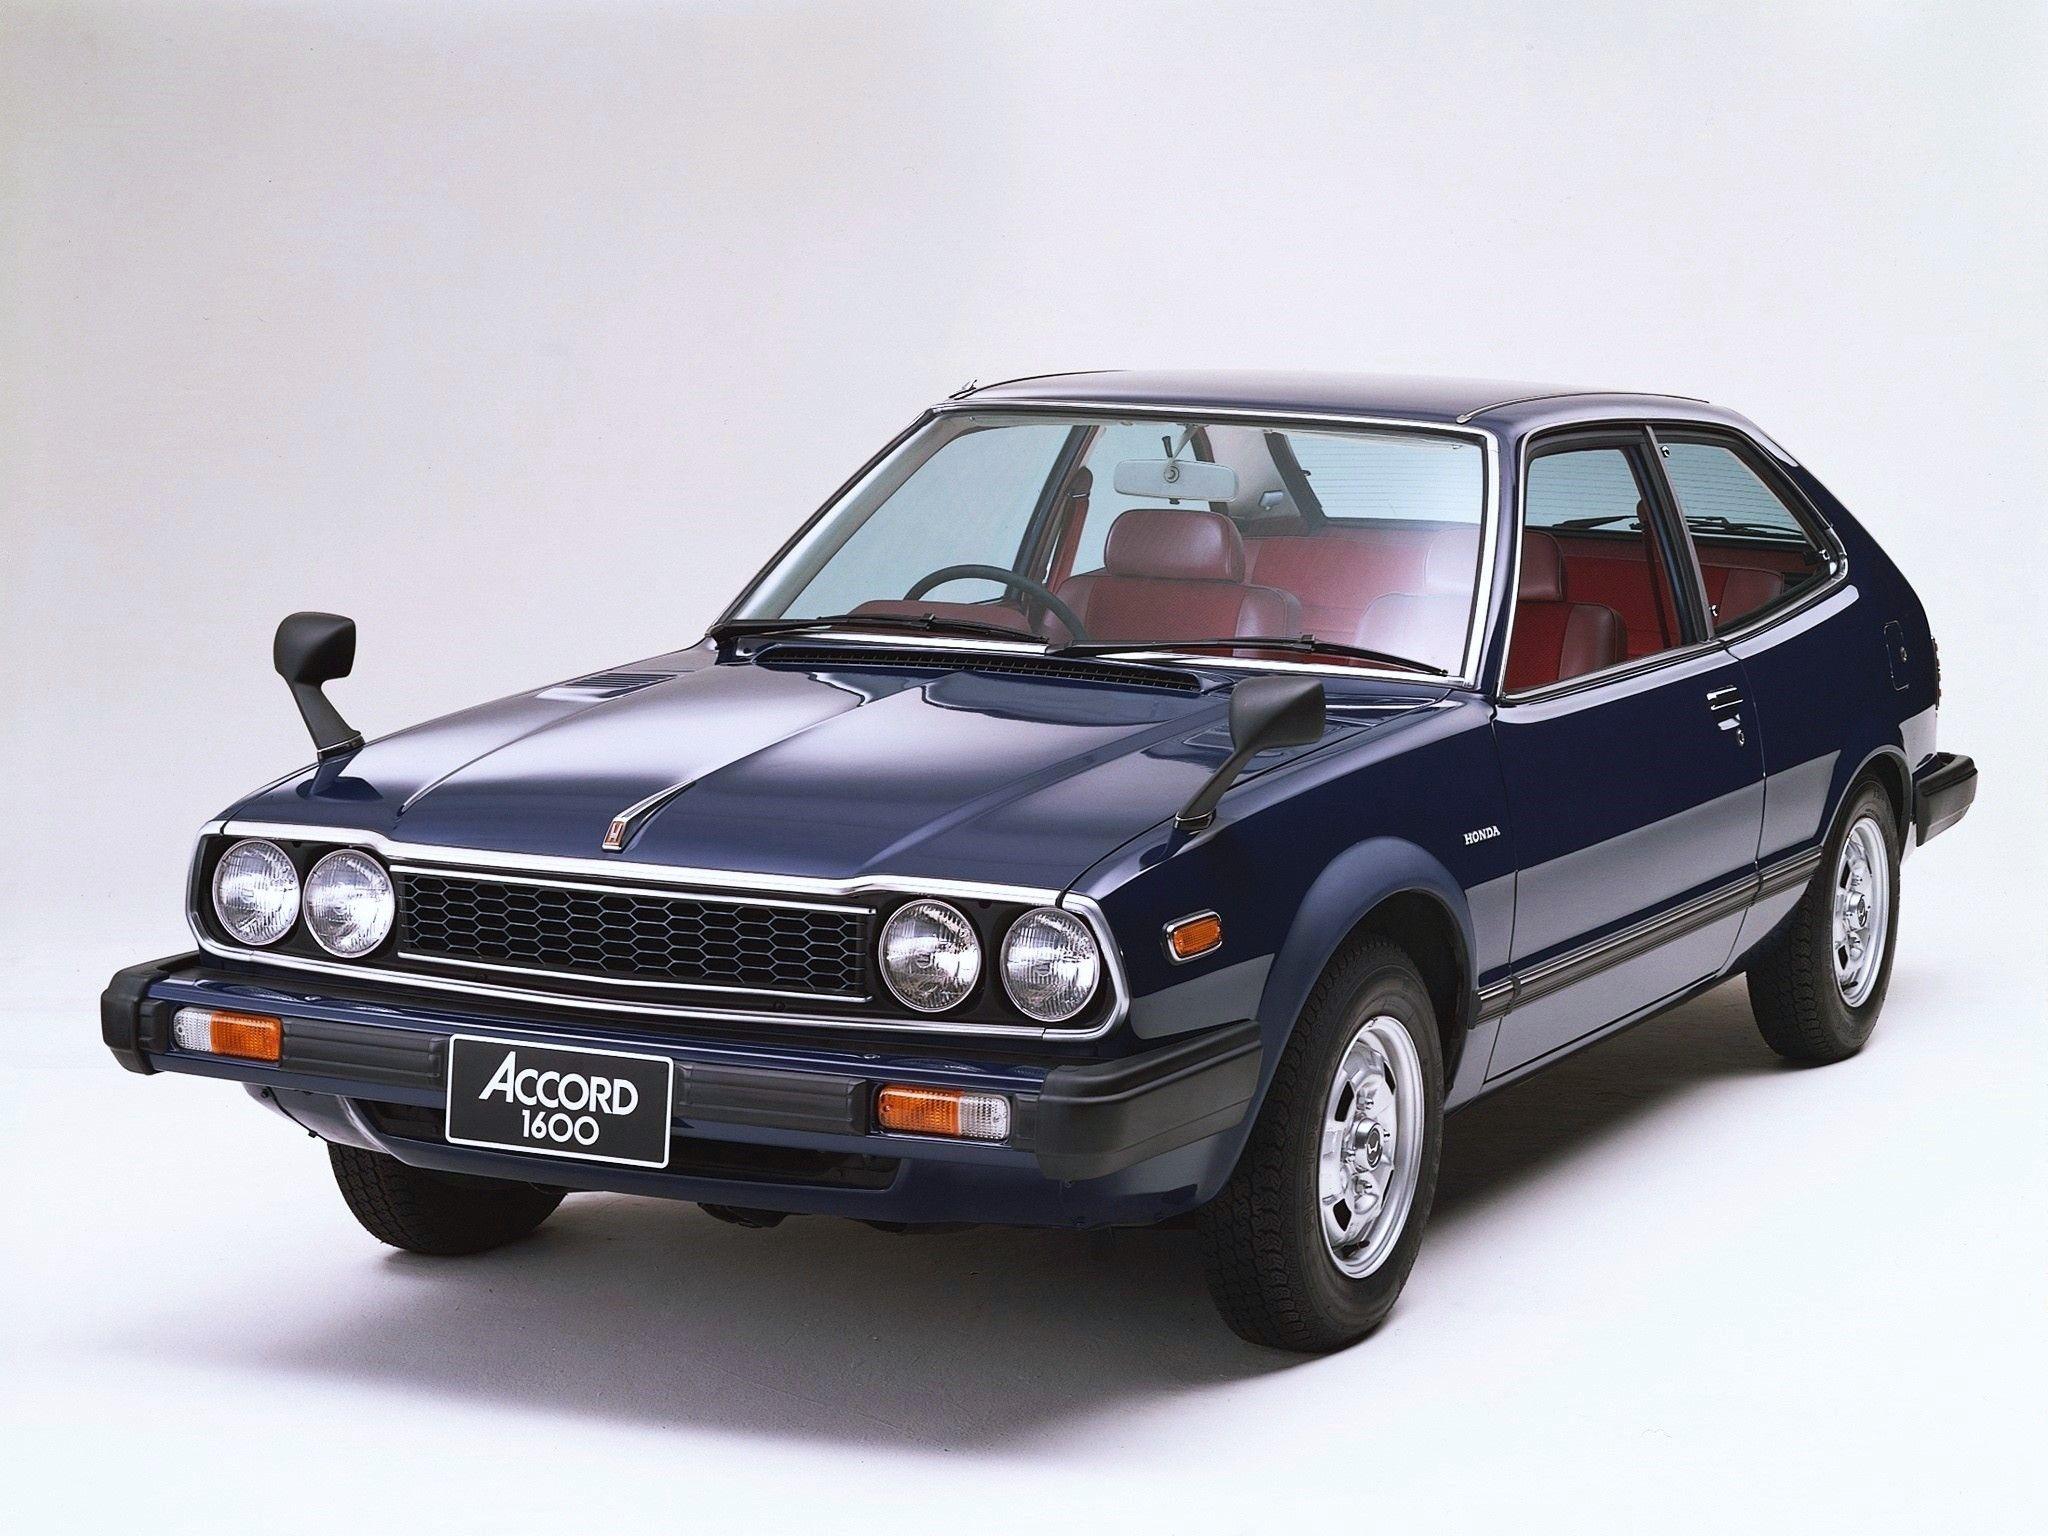 1976 Honda Accord 1600 LX (Japan) (With images) Honda